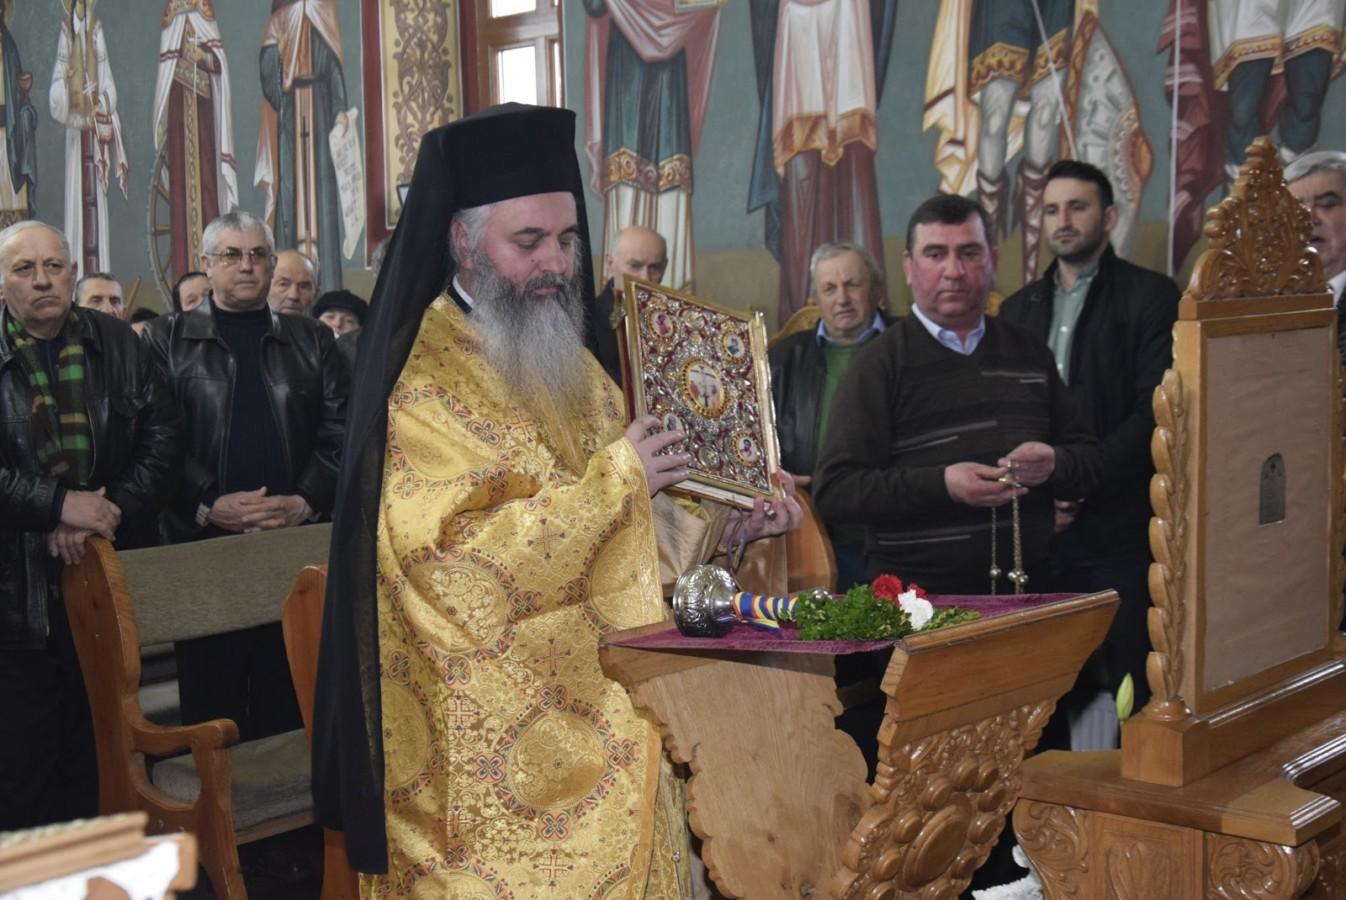 Duminica Sfintei Cruci în Parohia Ortodoxă Ciceu-Giurgești